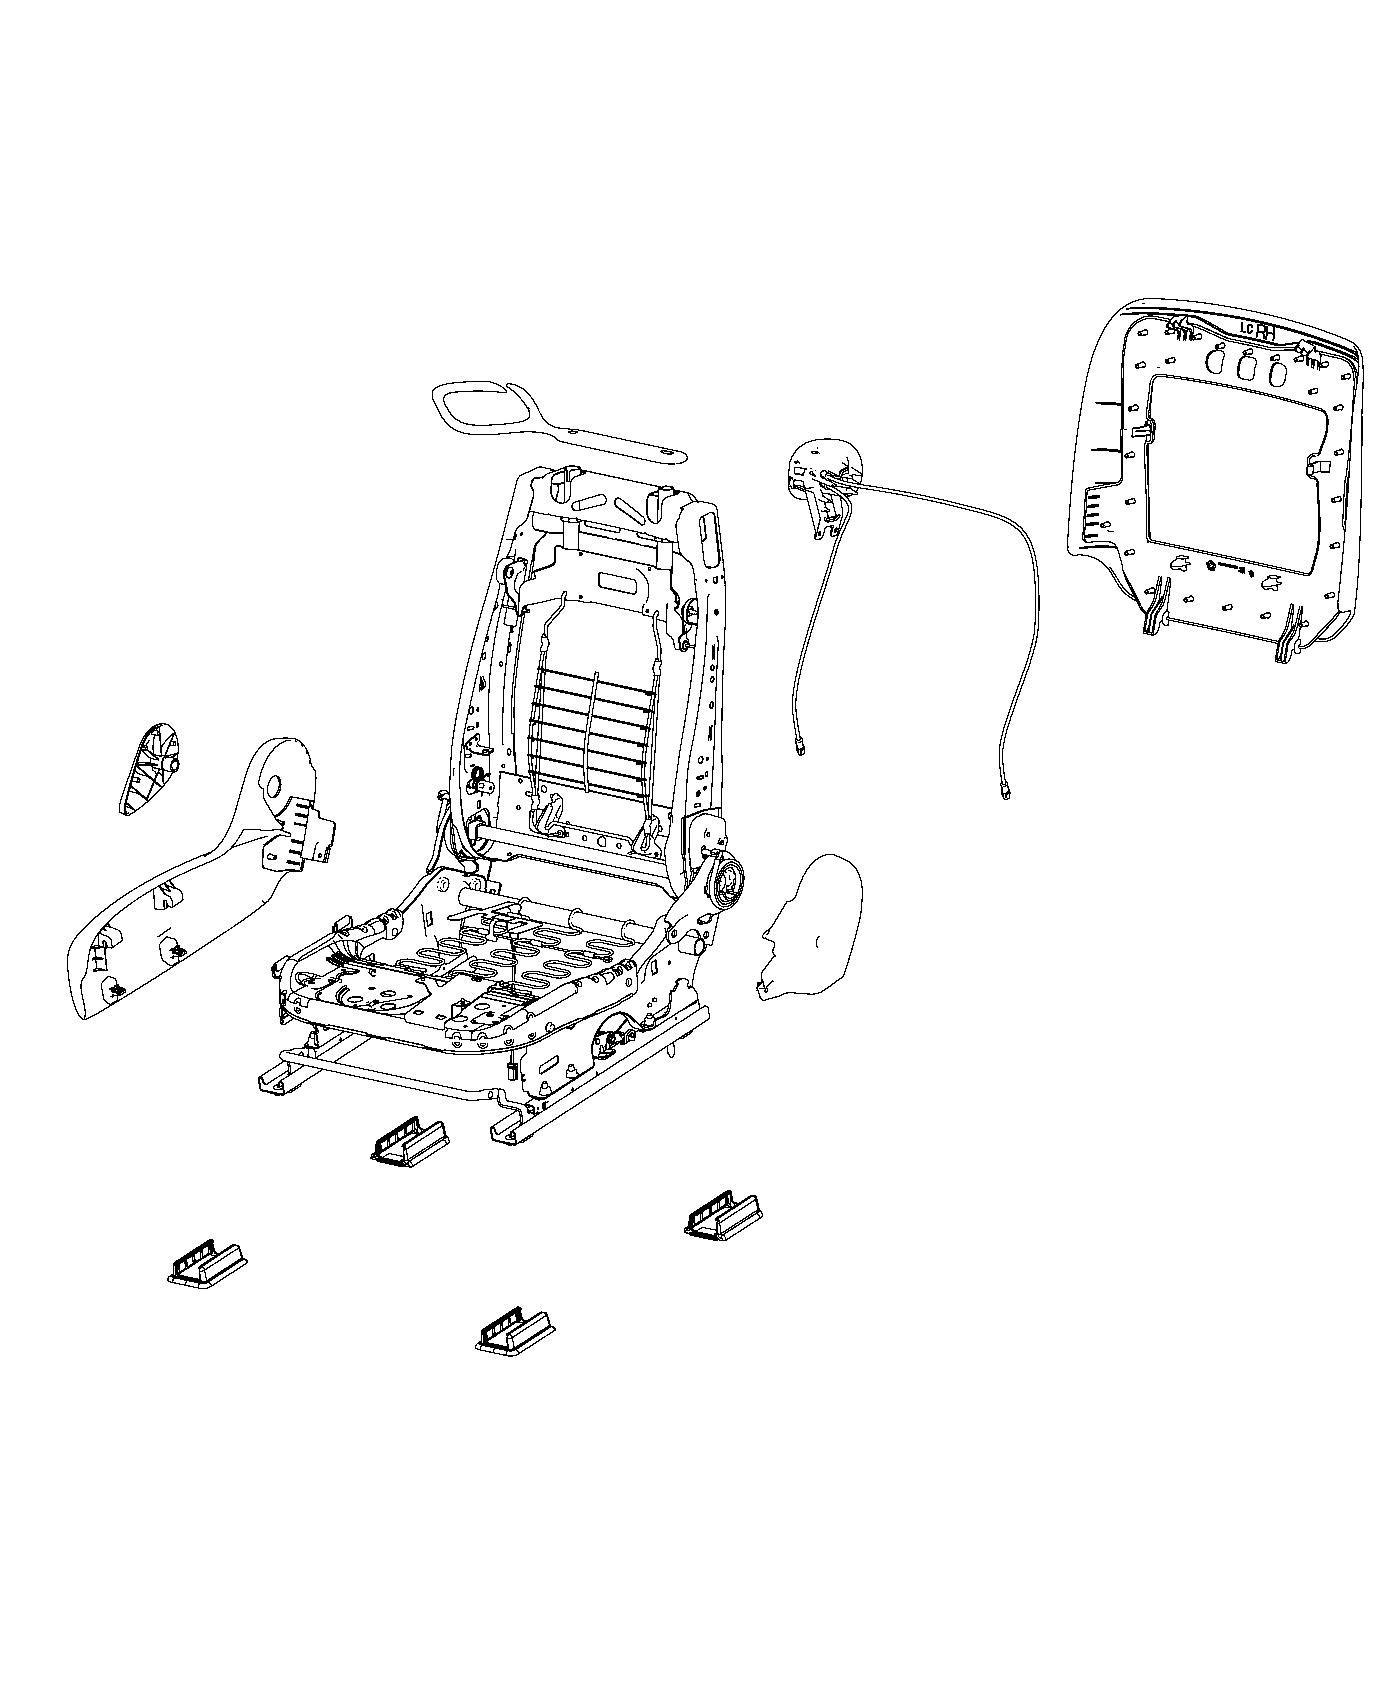 Dodge Challenger Adjuster. Manual seat. Trim: [srt logo